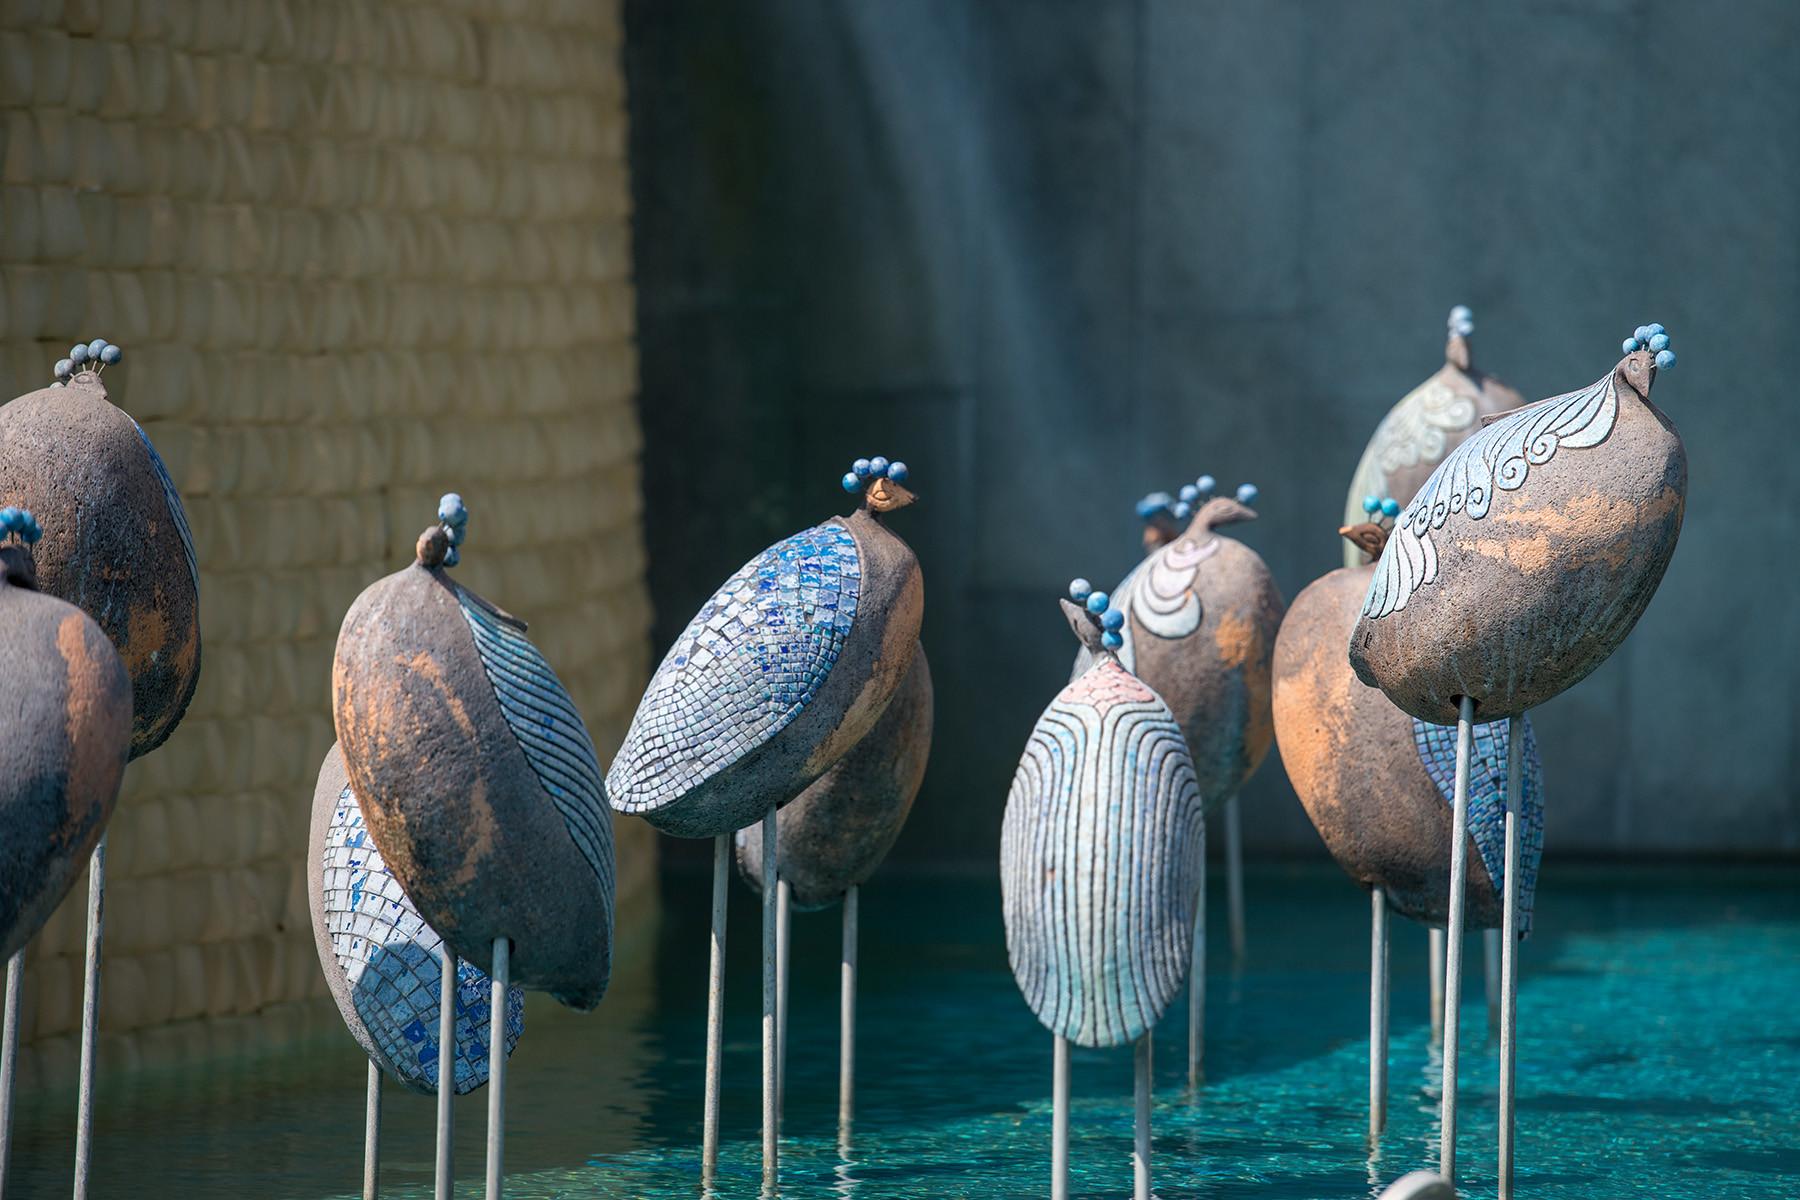 Tureckie ptaki - rzeźby